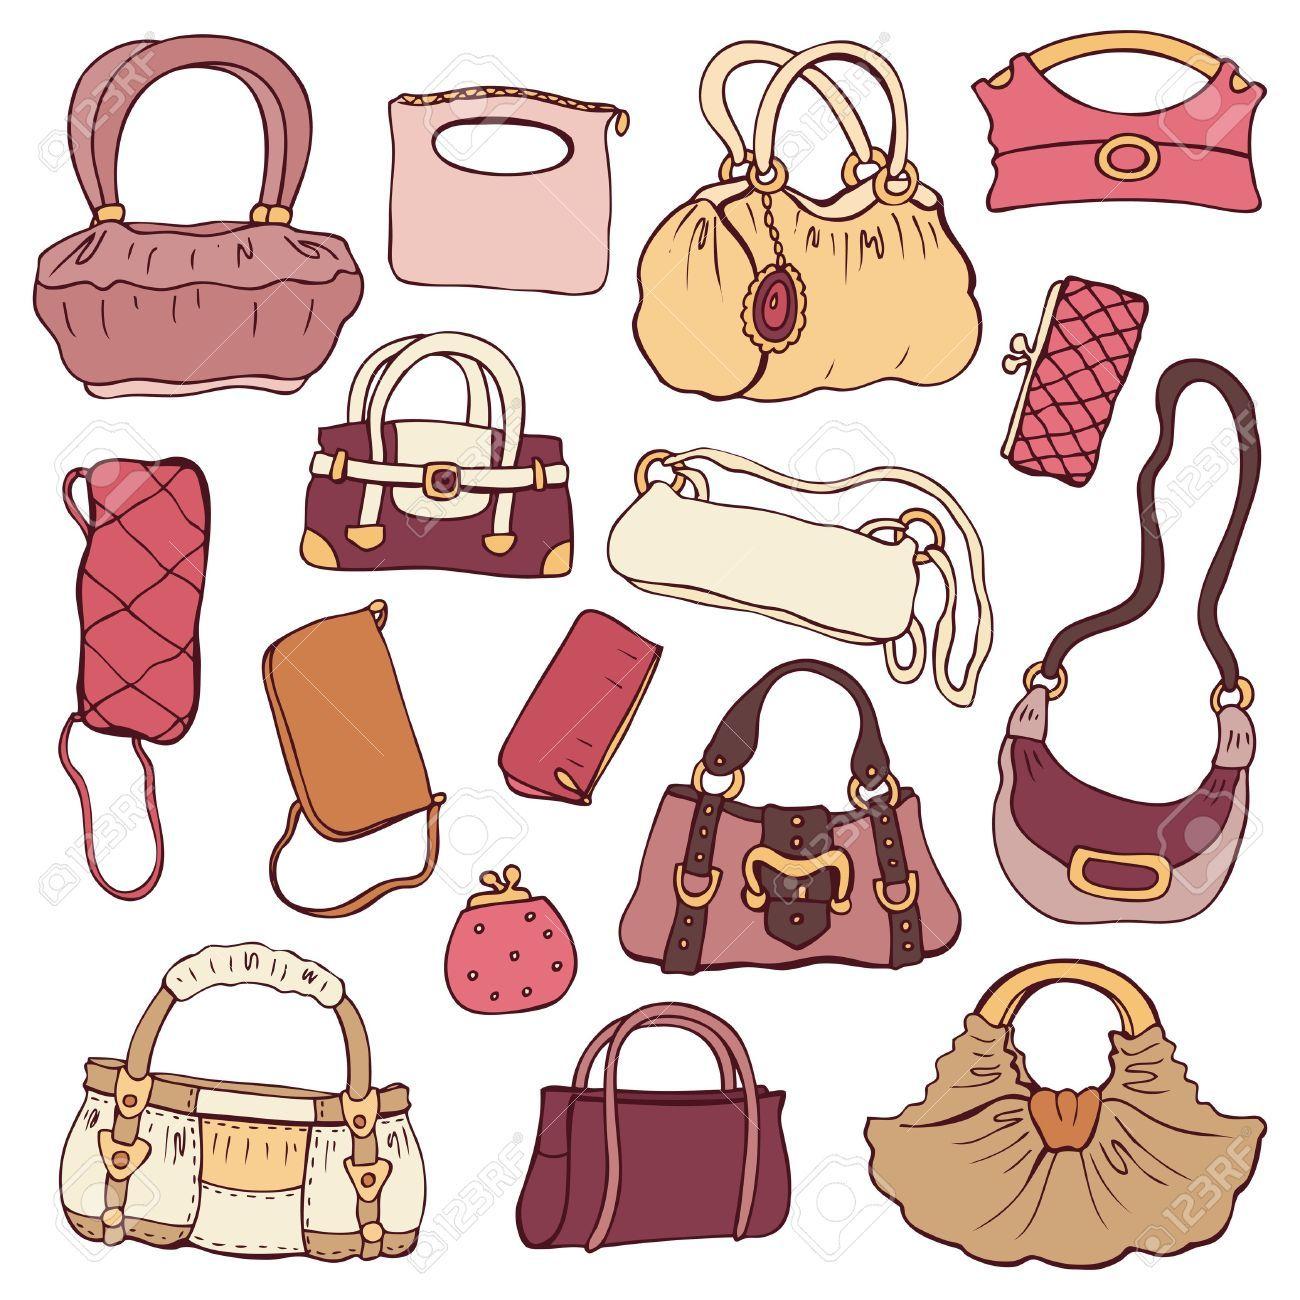 dibujos de bolsas - Buscar con Google